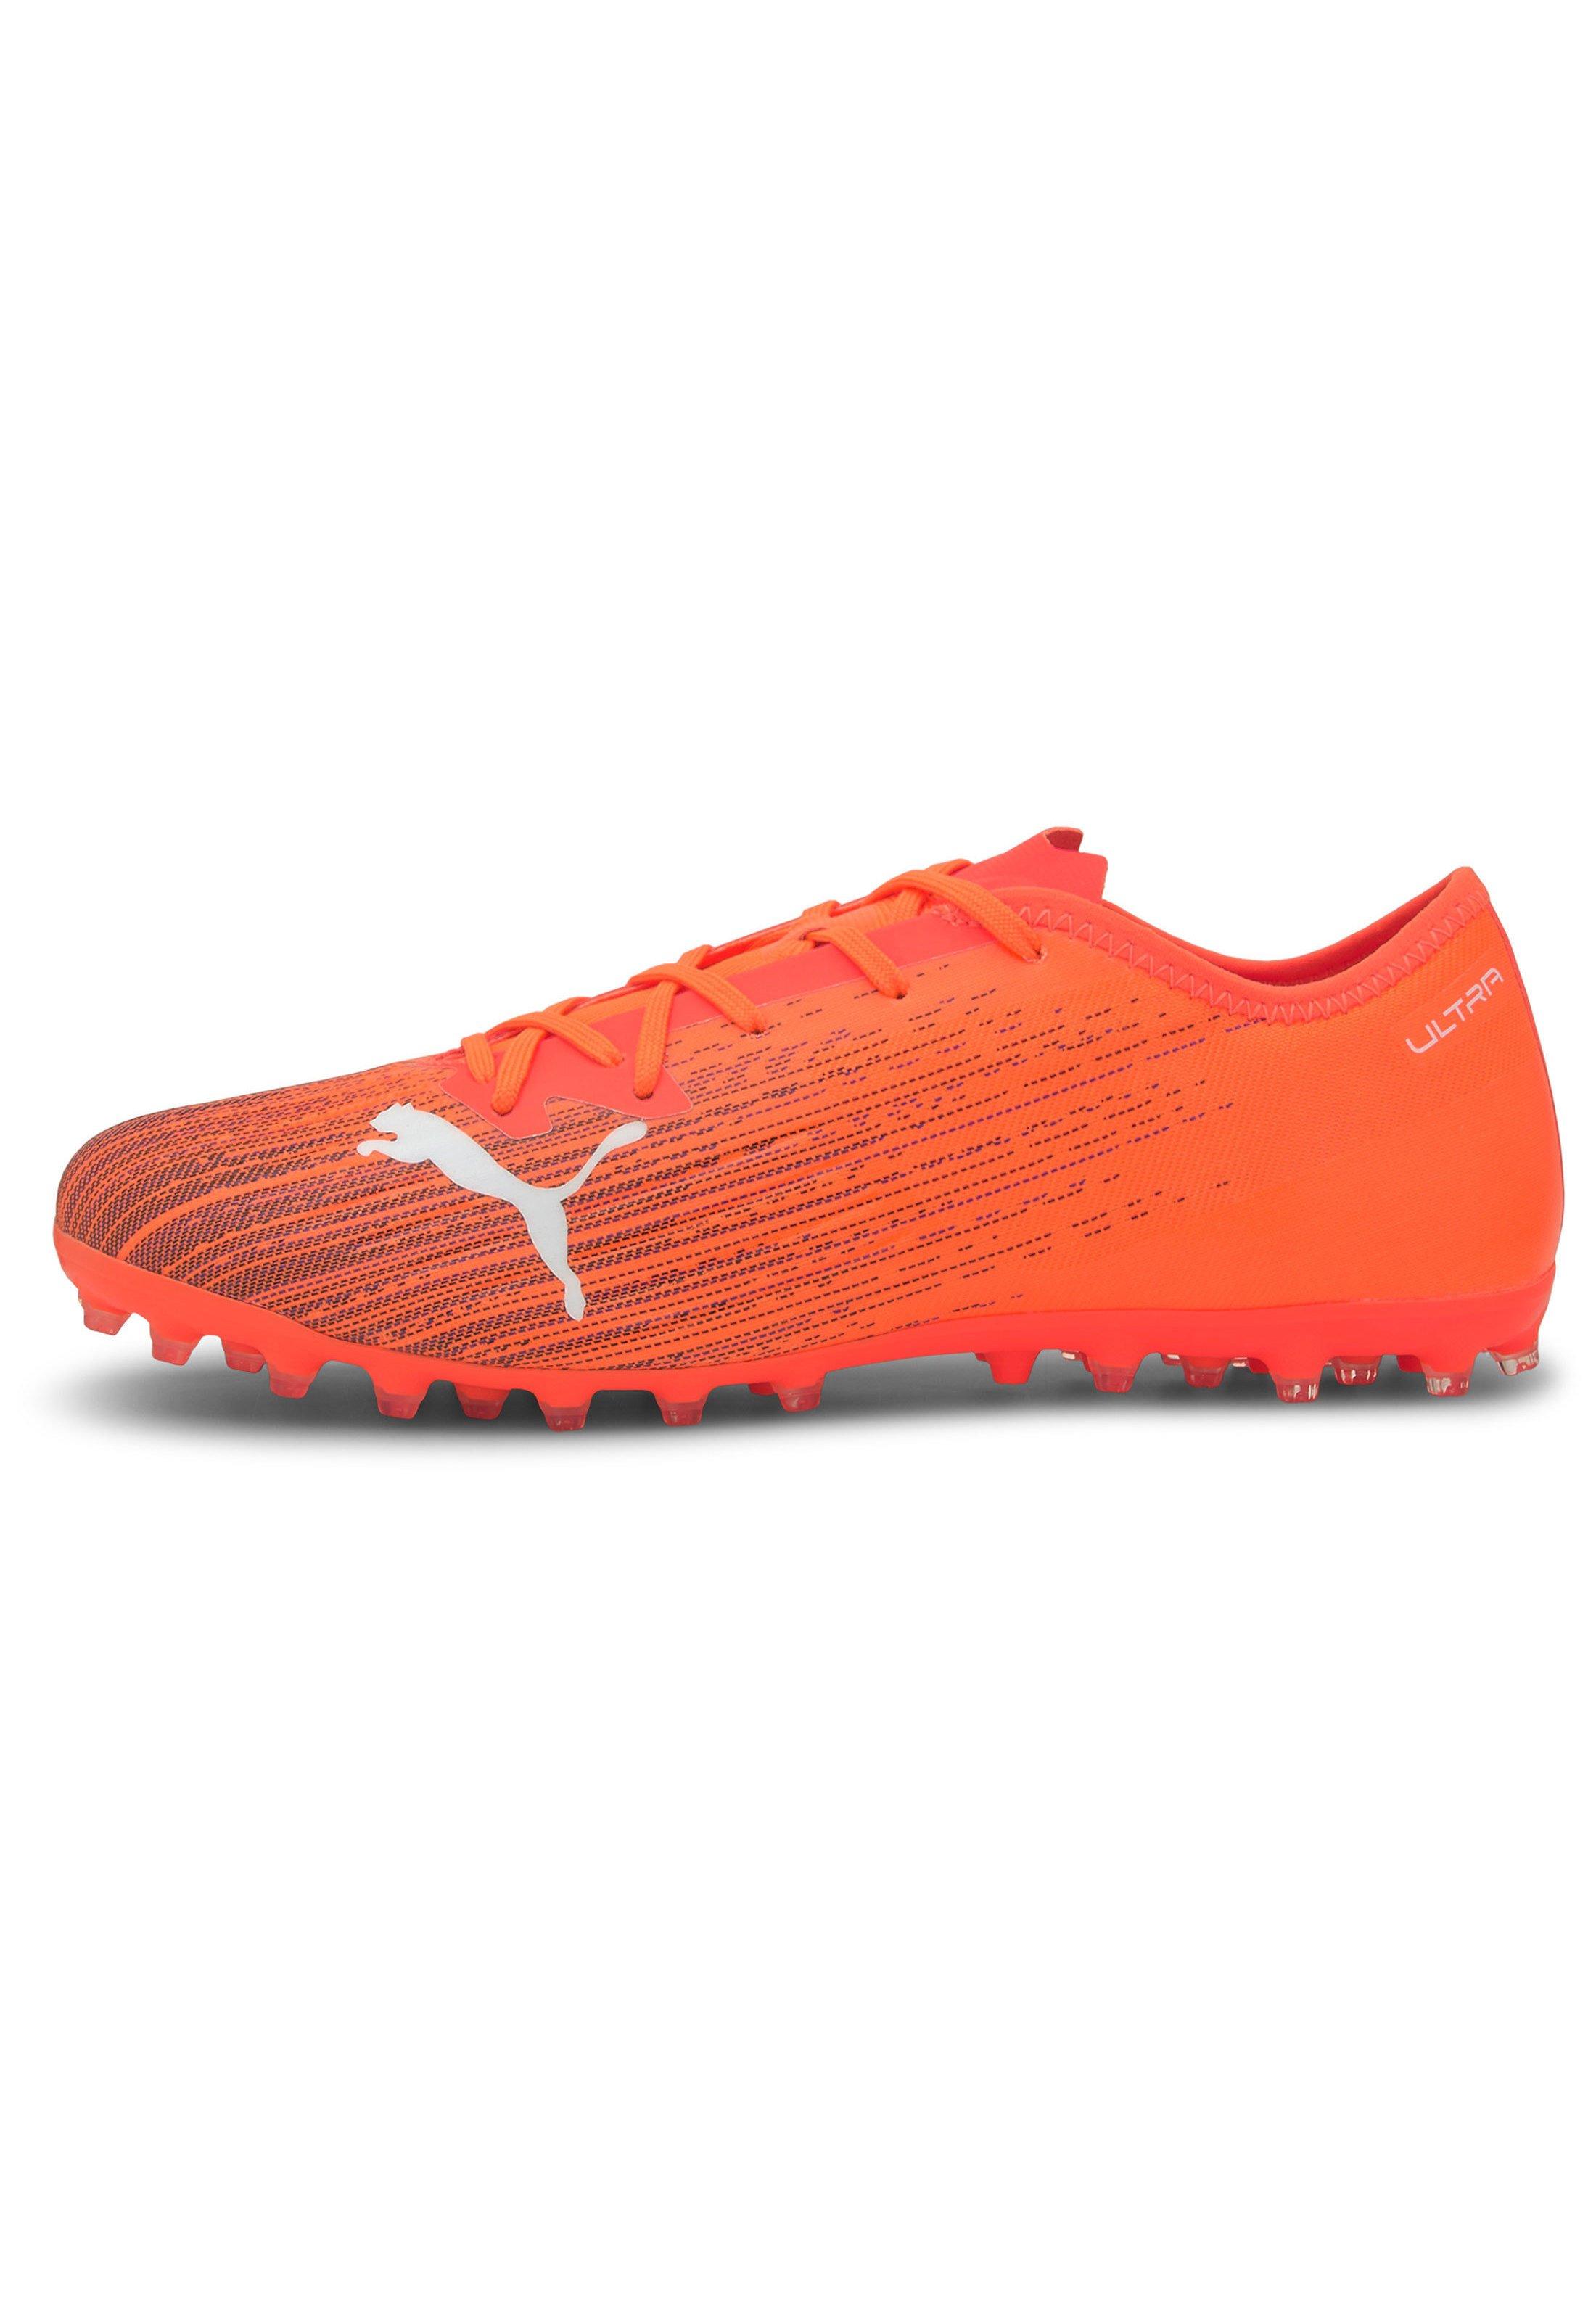 Homme Chaussures de foot à crampons